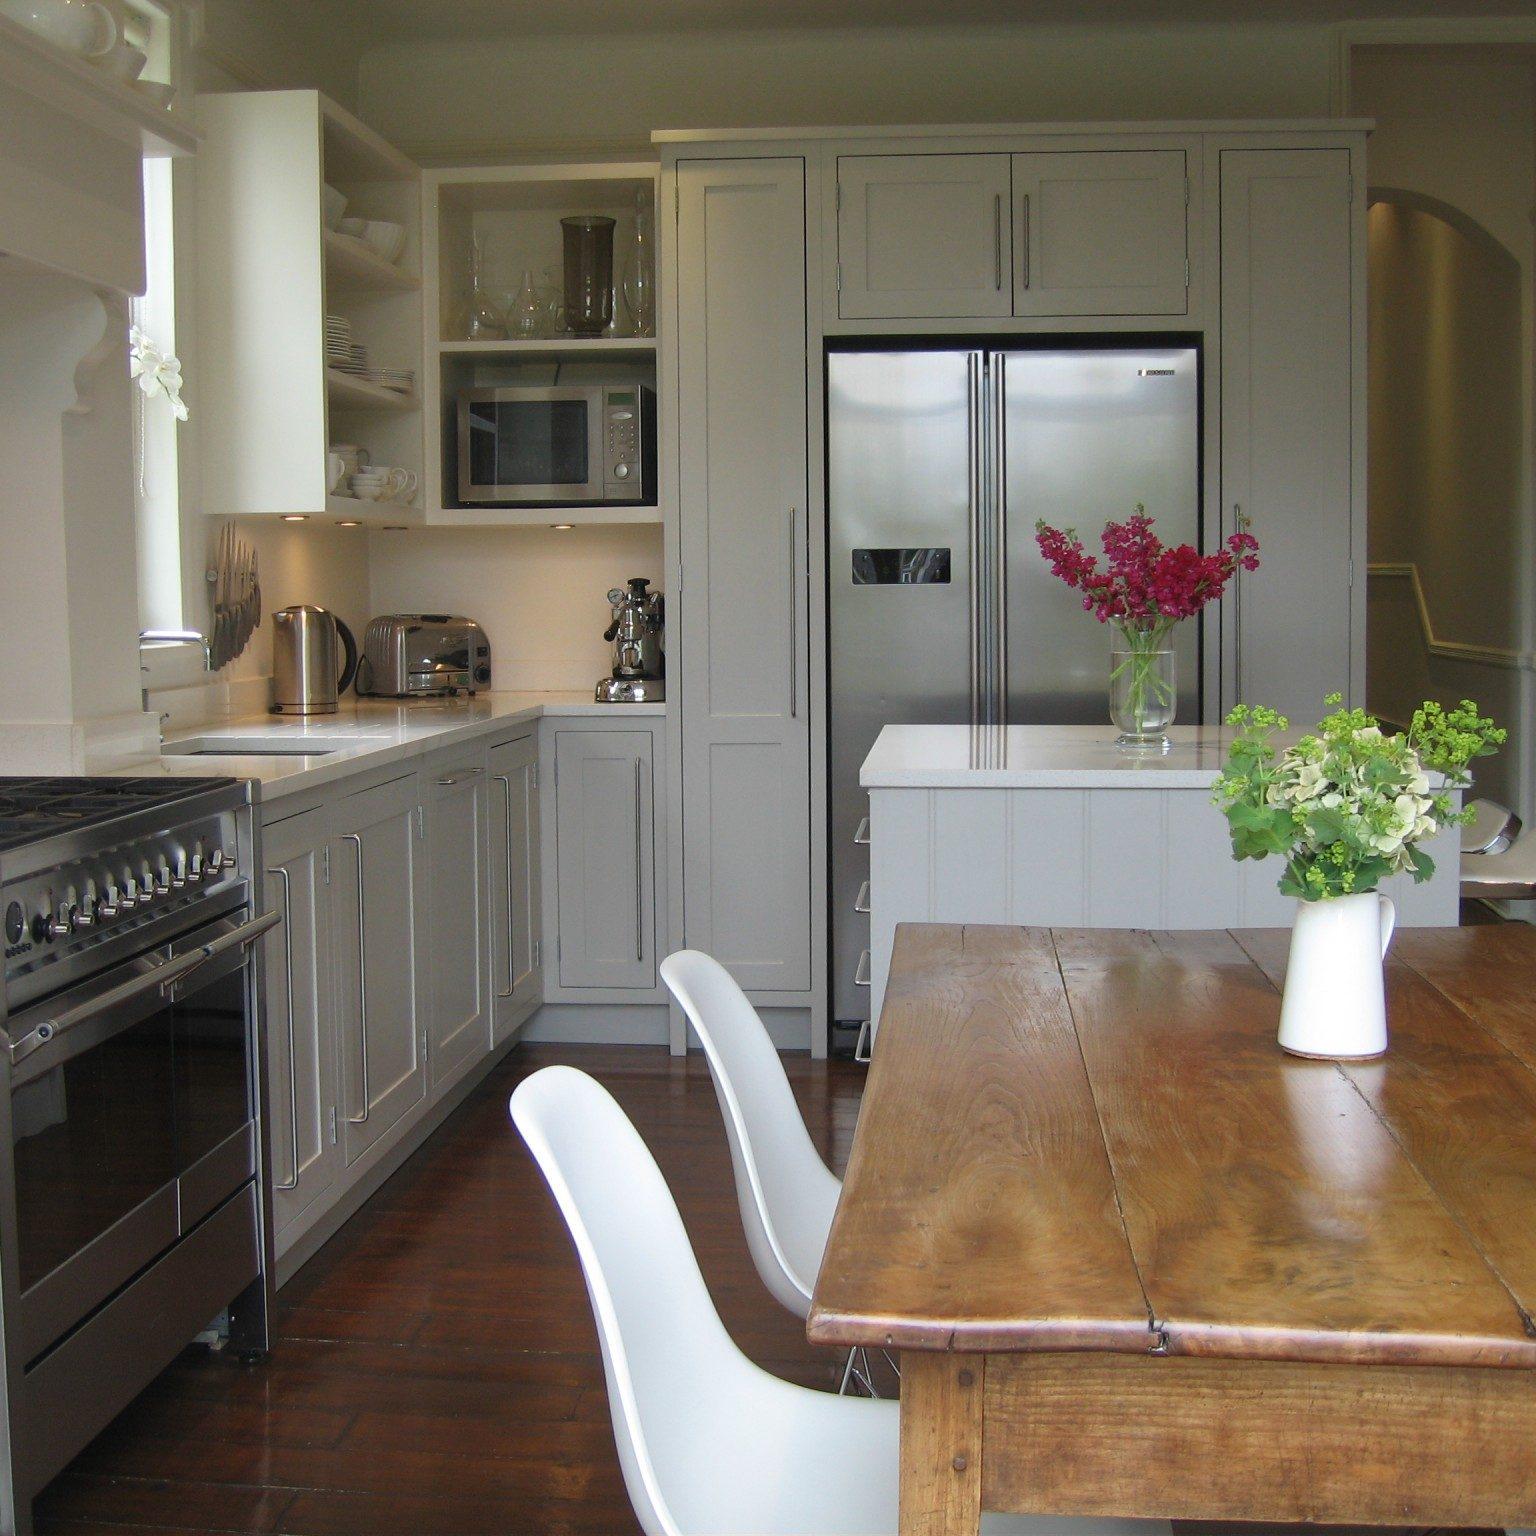 Clapham Shaker Kitchen: Handmade Kitchen Denmead In Hampshire